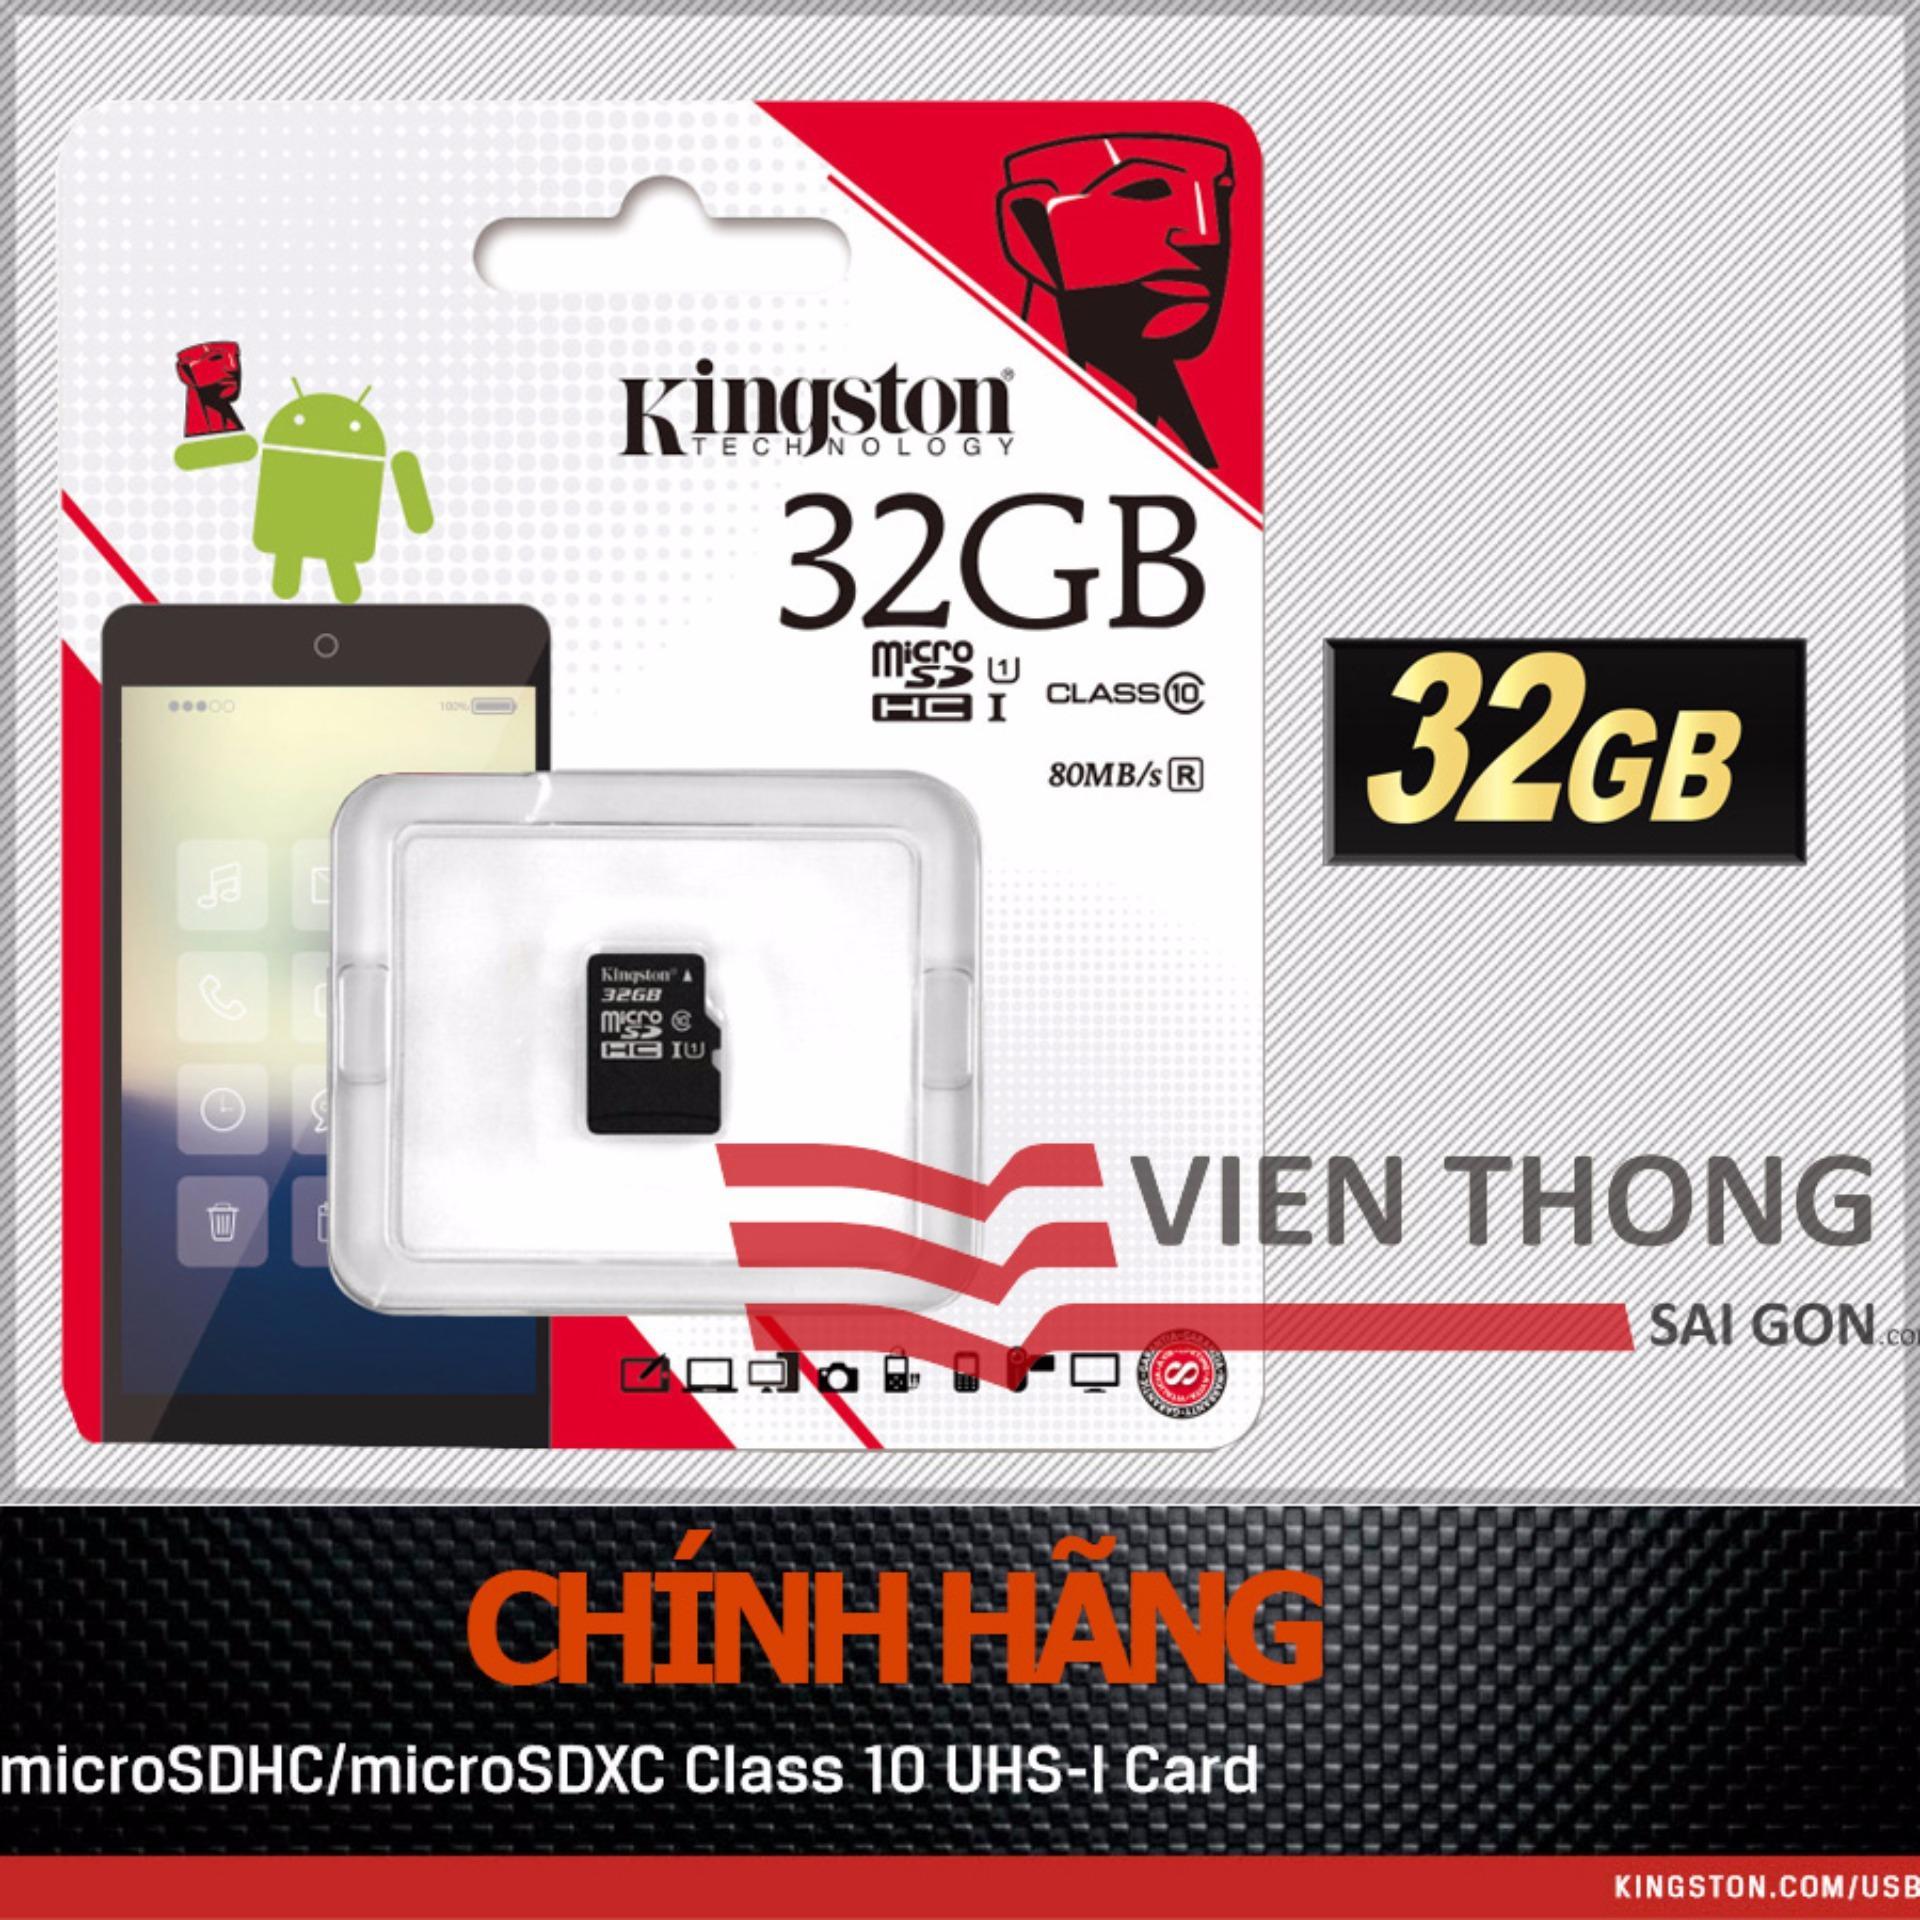 Giá Bán Thẻ Nhớ Kingston 32Gb Micro Sdhc C10 Uhs Đen Hang Phan Phối Chinh Thức Kingston Nguyên